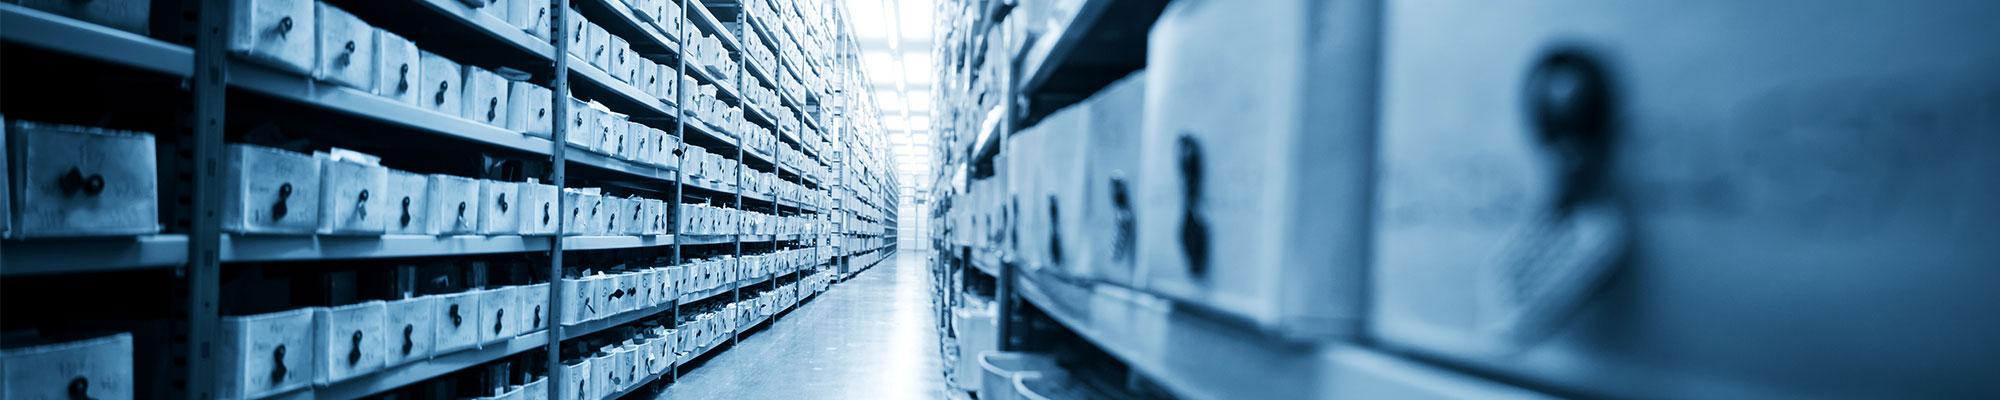 Archiv mit langen Regalen die gefüllt sind mit Akten und Ordnern